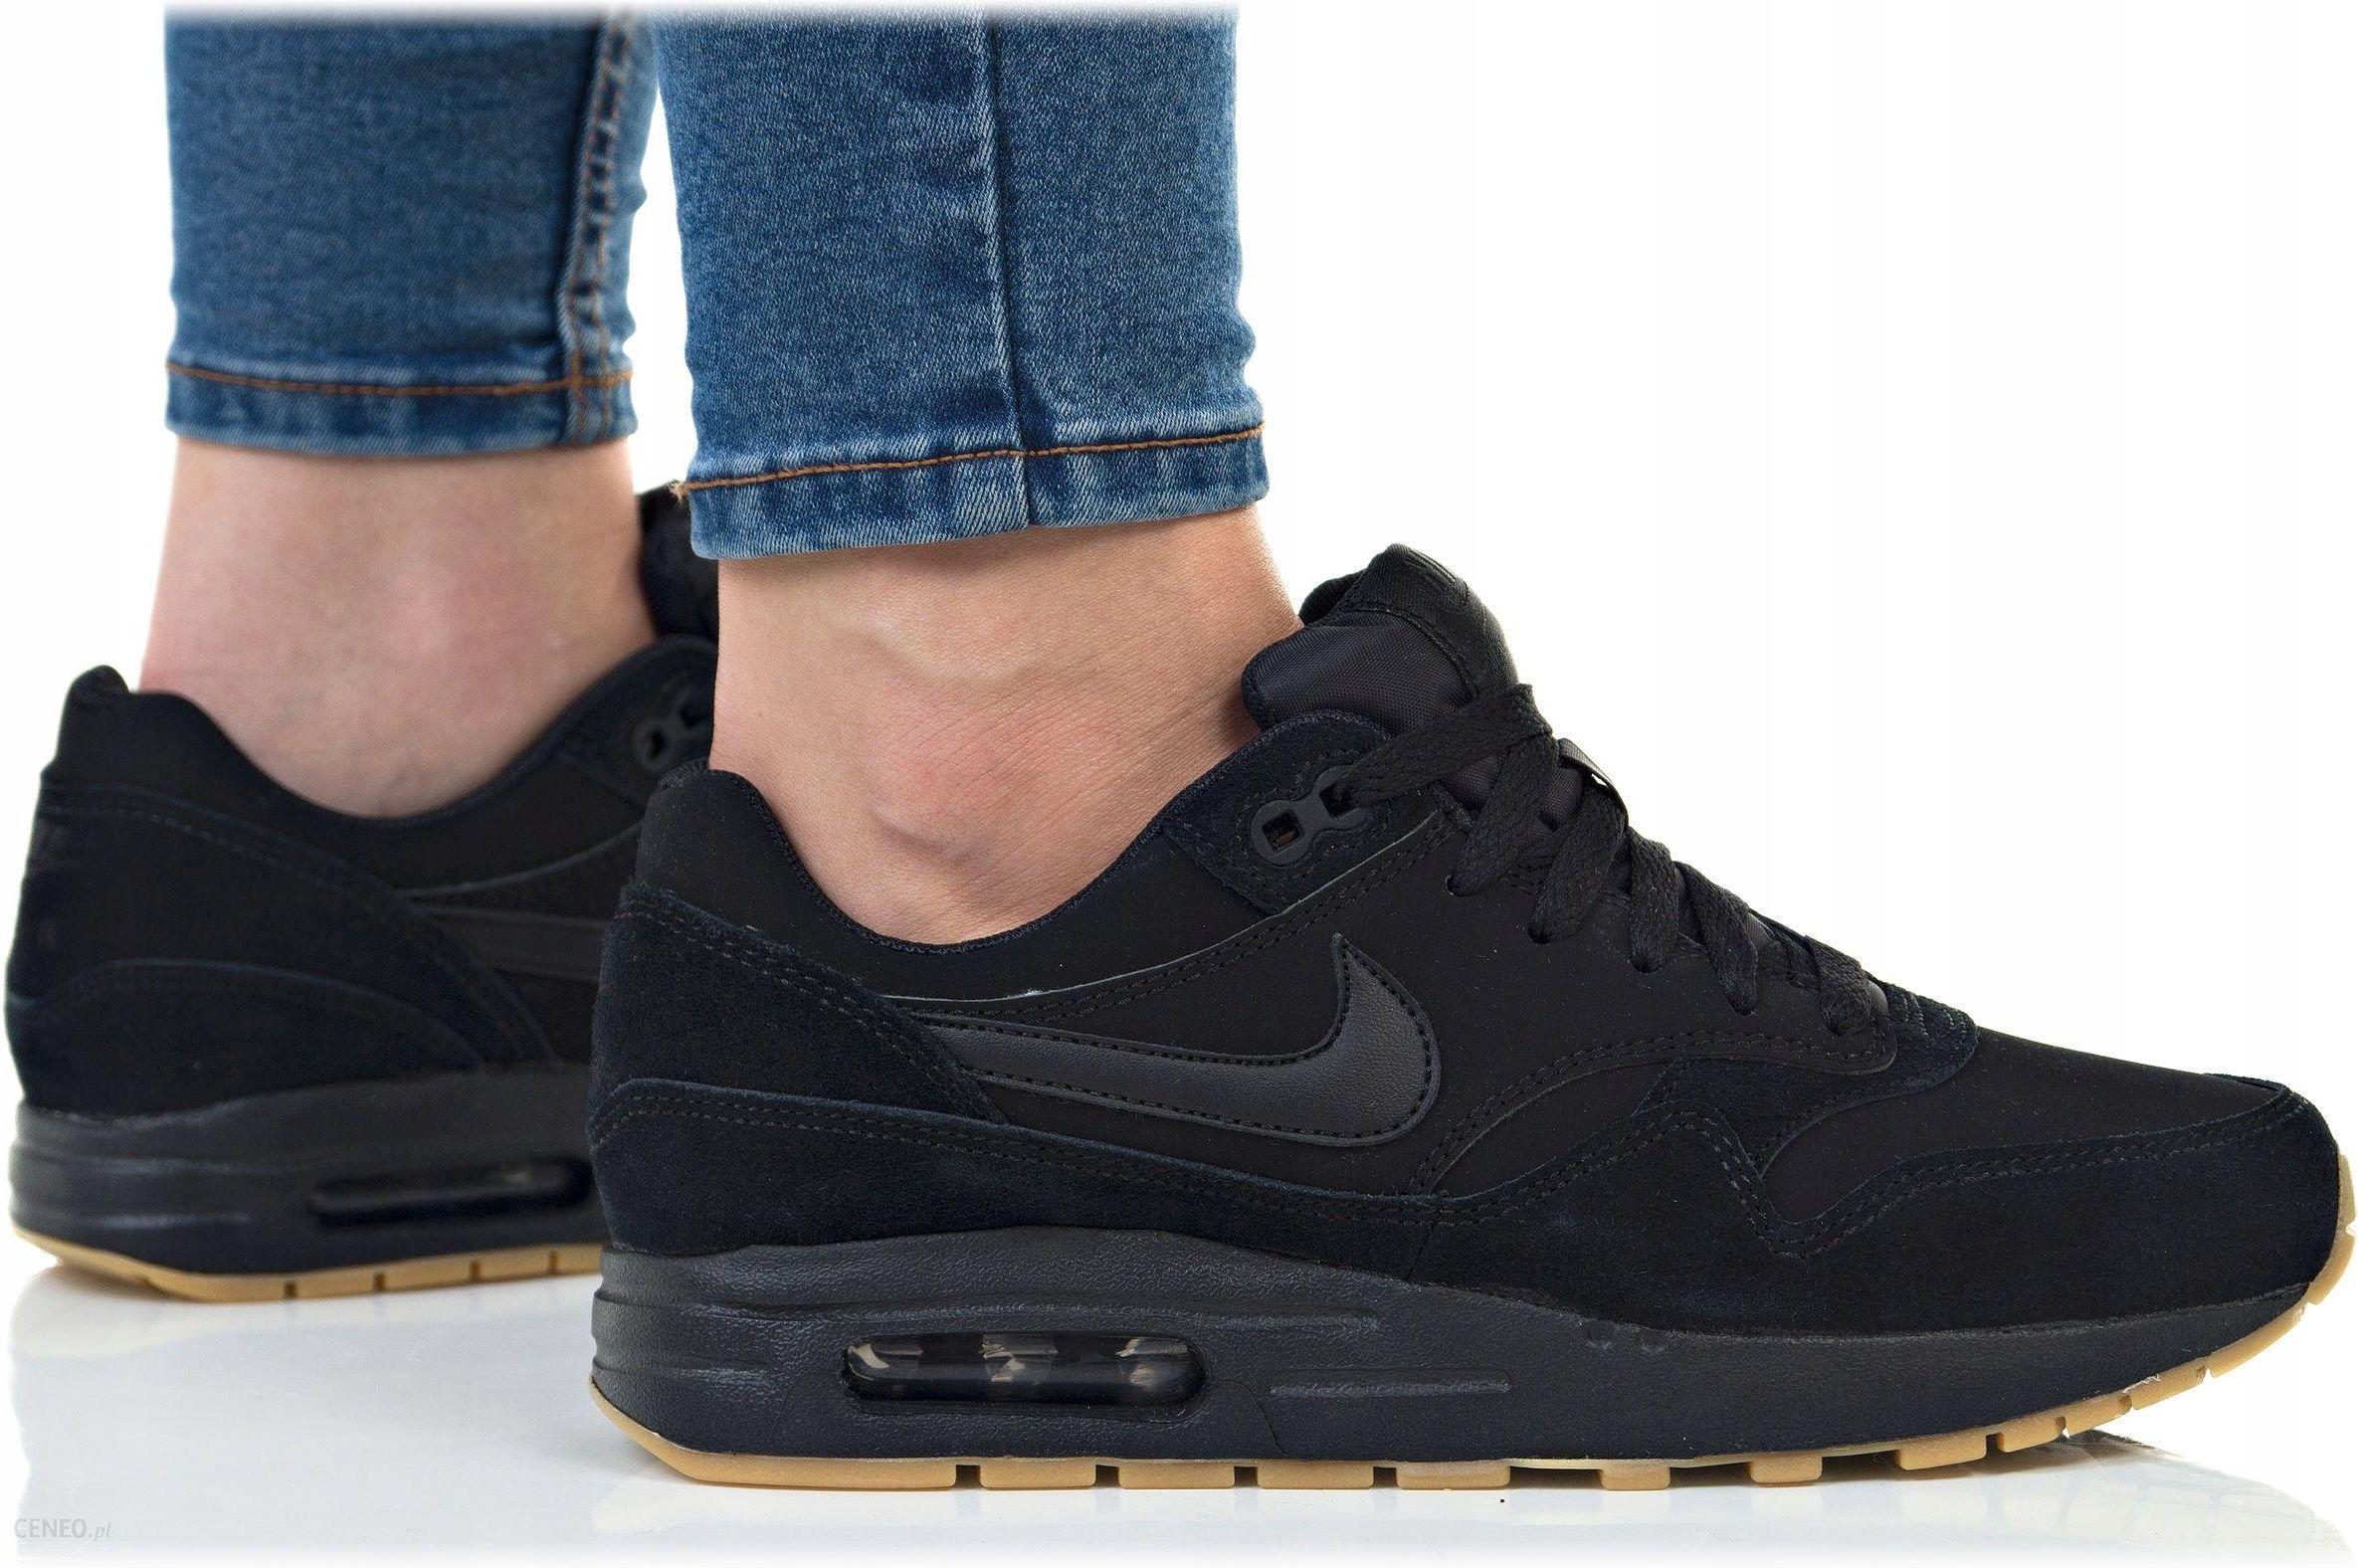 Buty Nike Damskie Air Max 1 (gs) 807602-008 Czarne - Ceny i opinie - Ceneo.pl